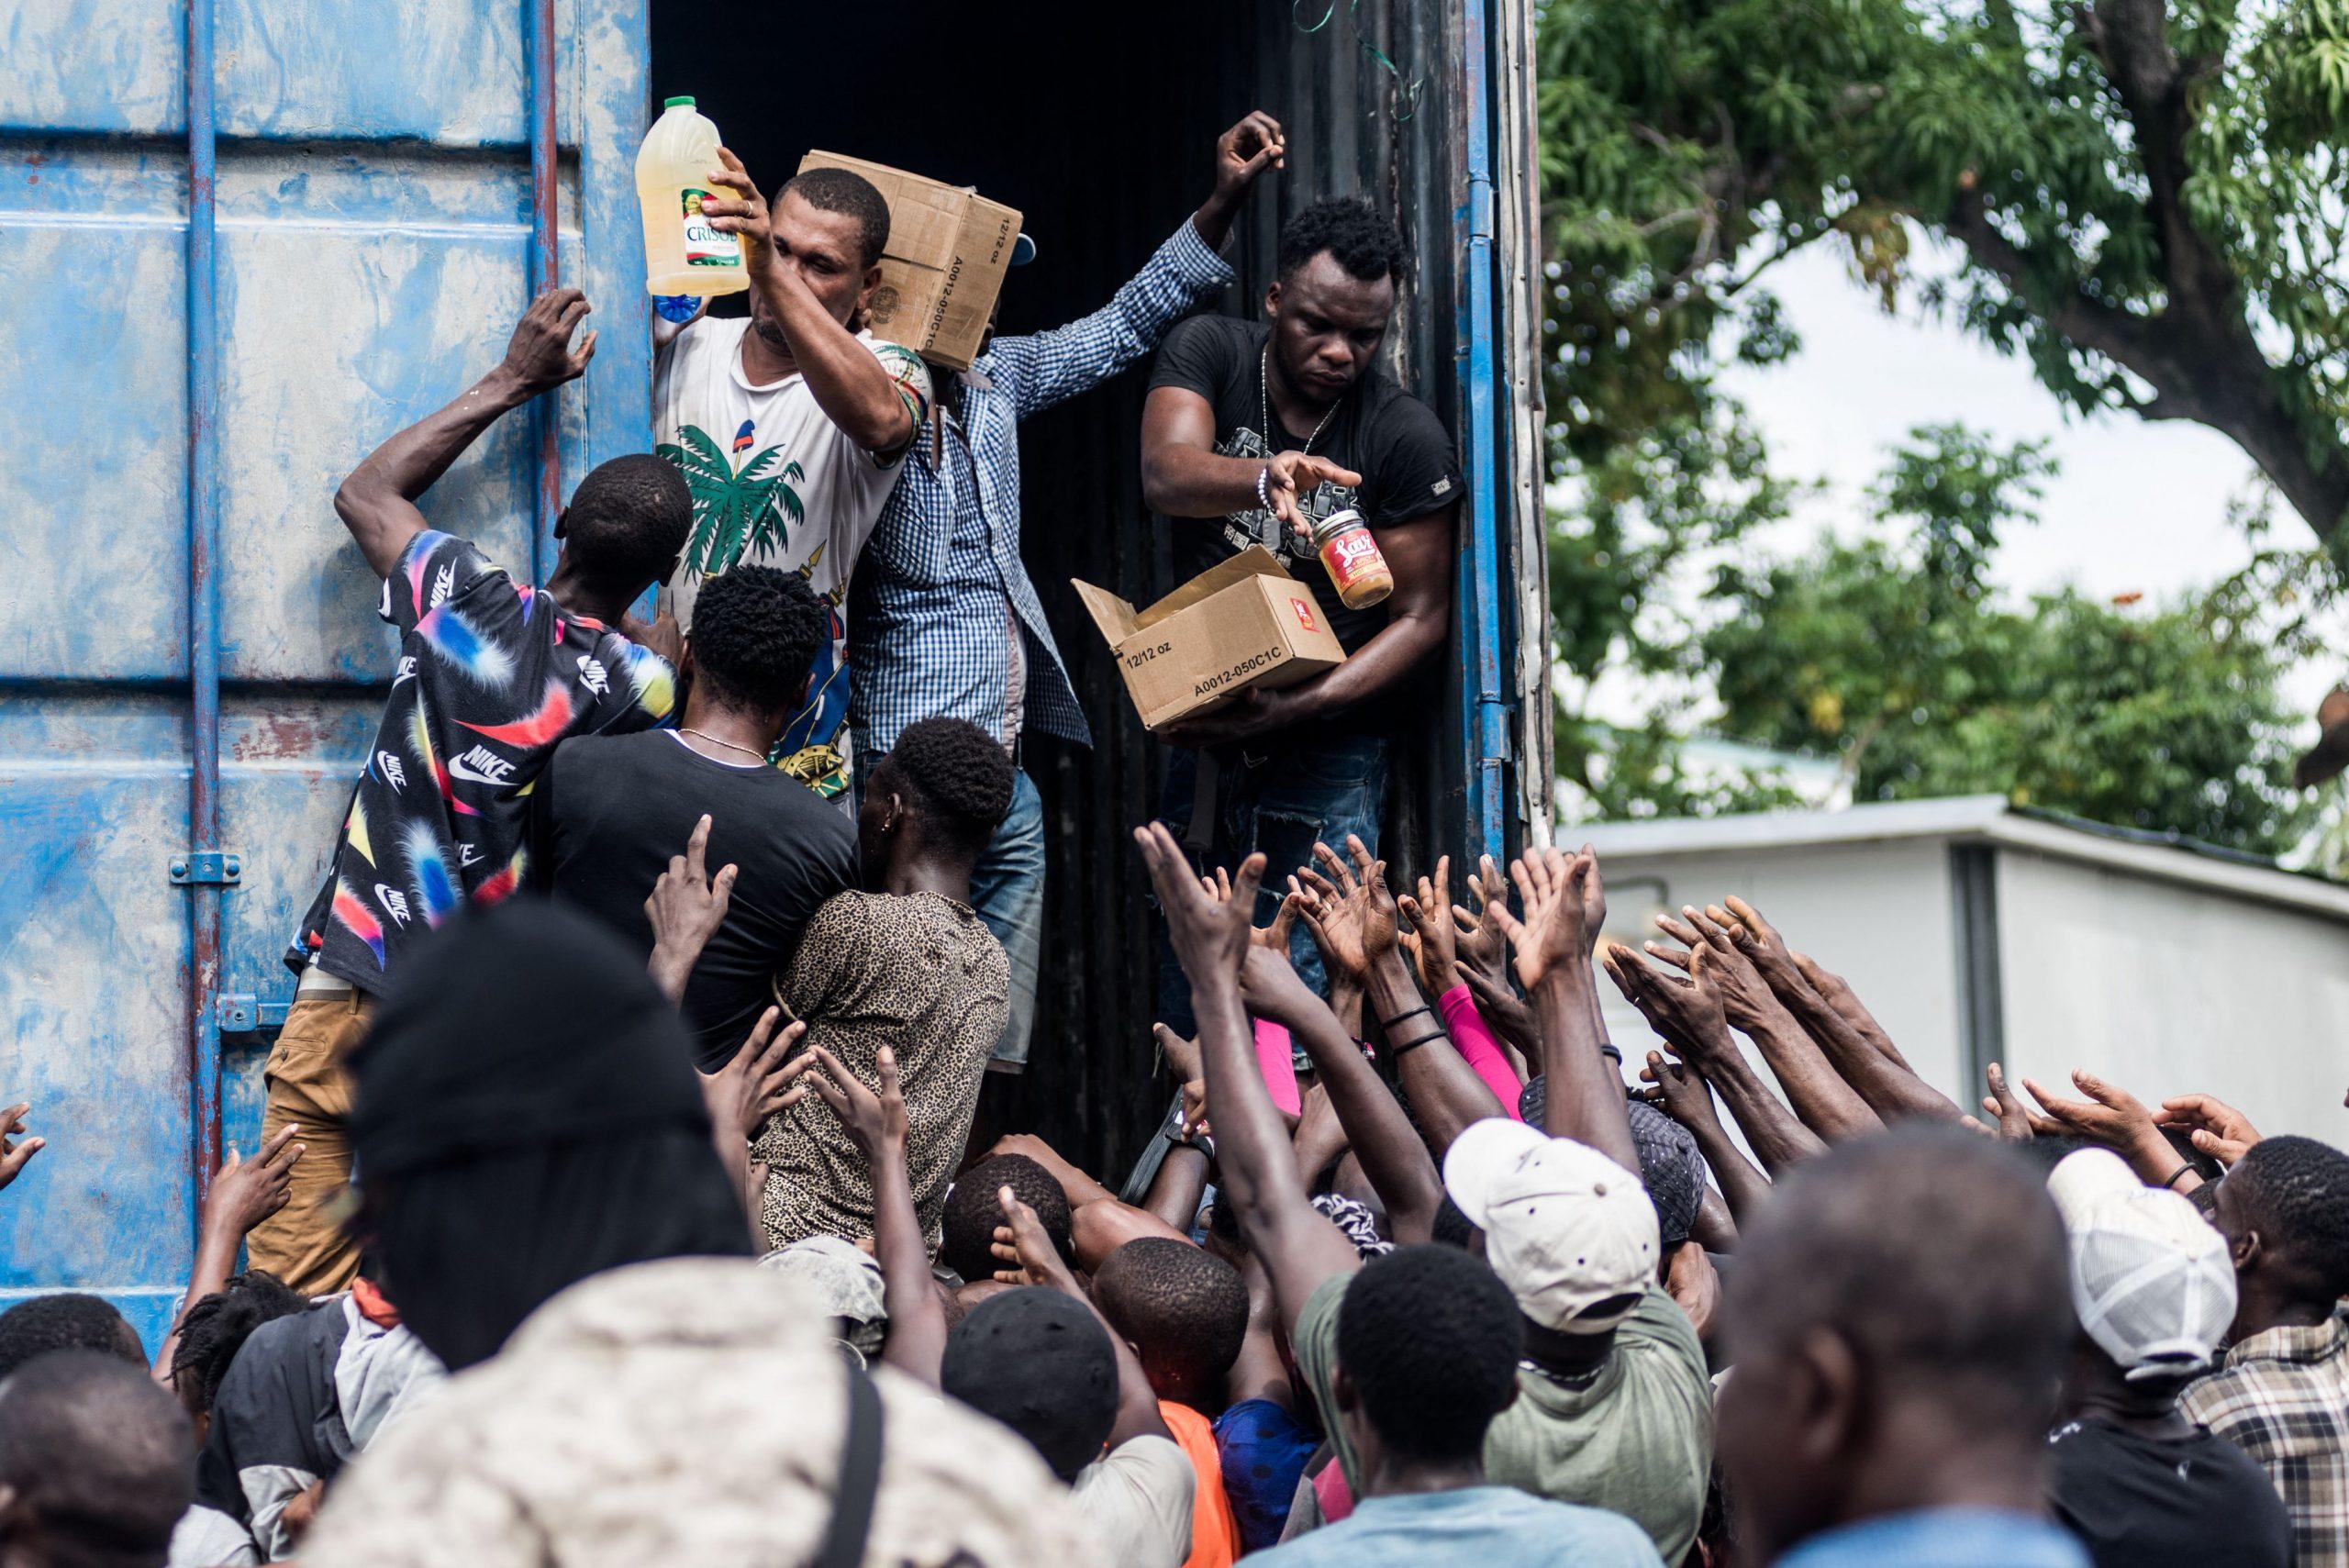 Verzweifelte Erdbeben-Opfer in Haiti plündern Hilfskonvoi